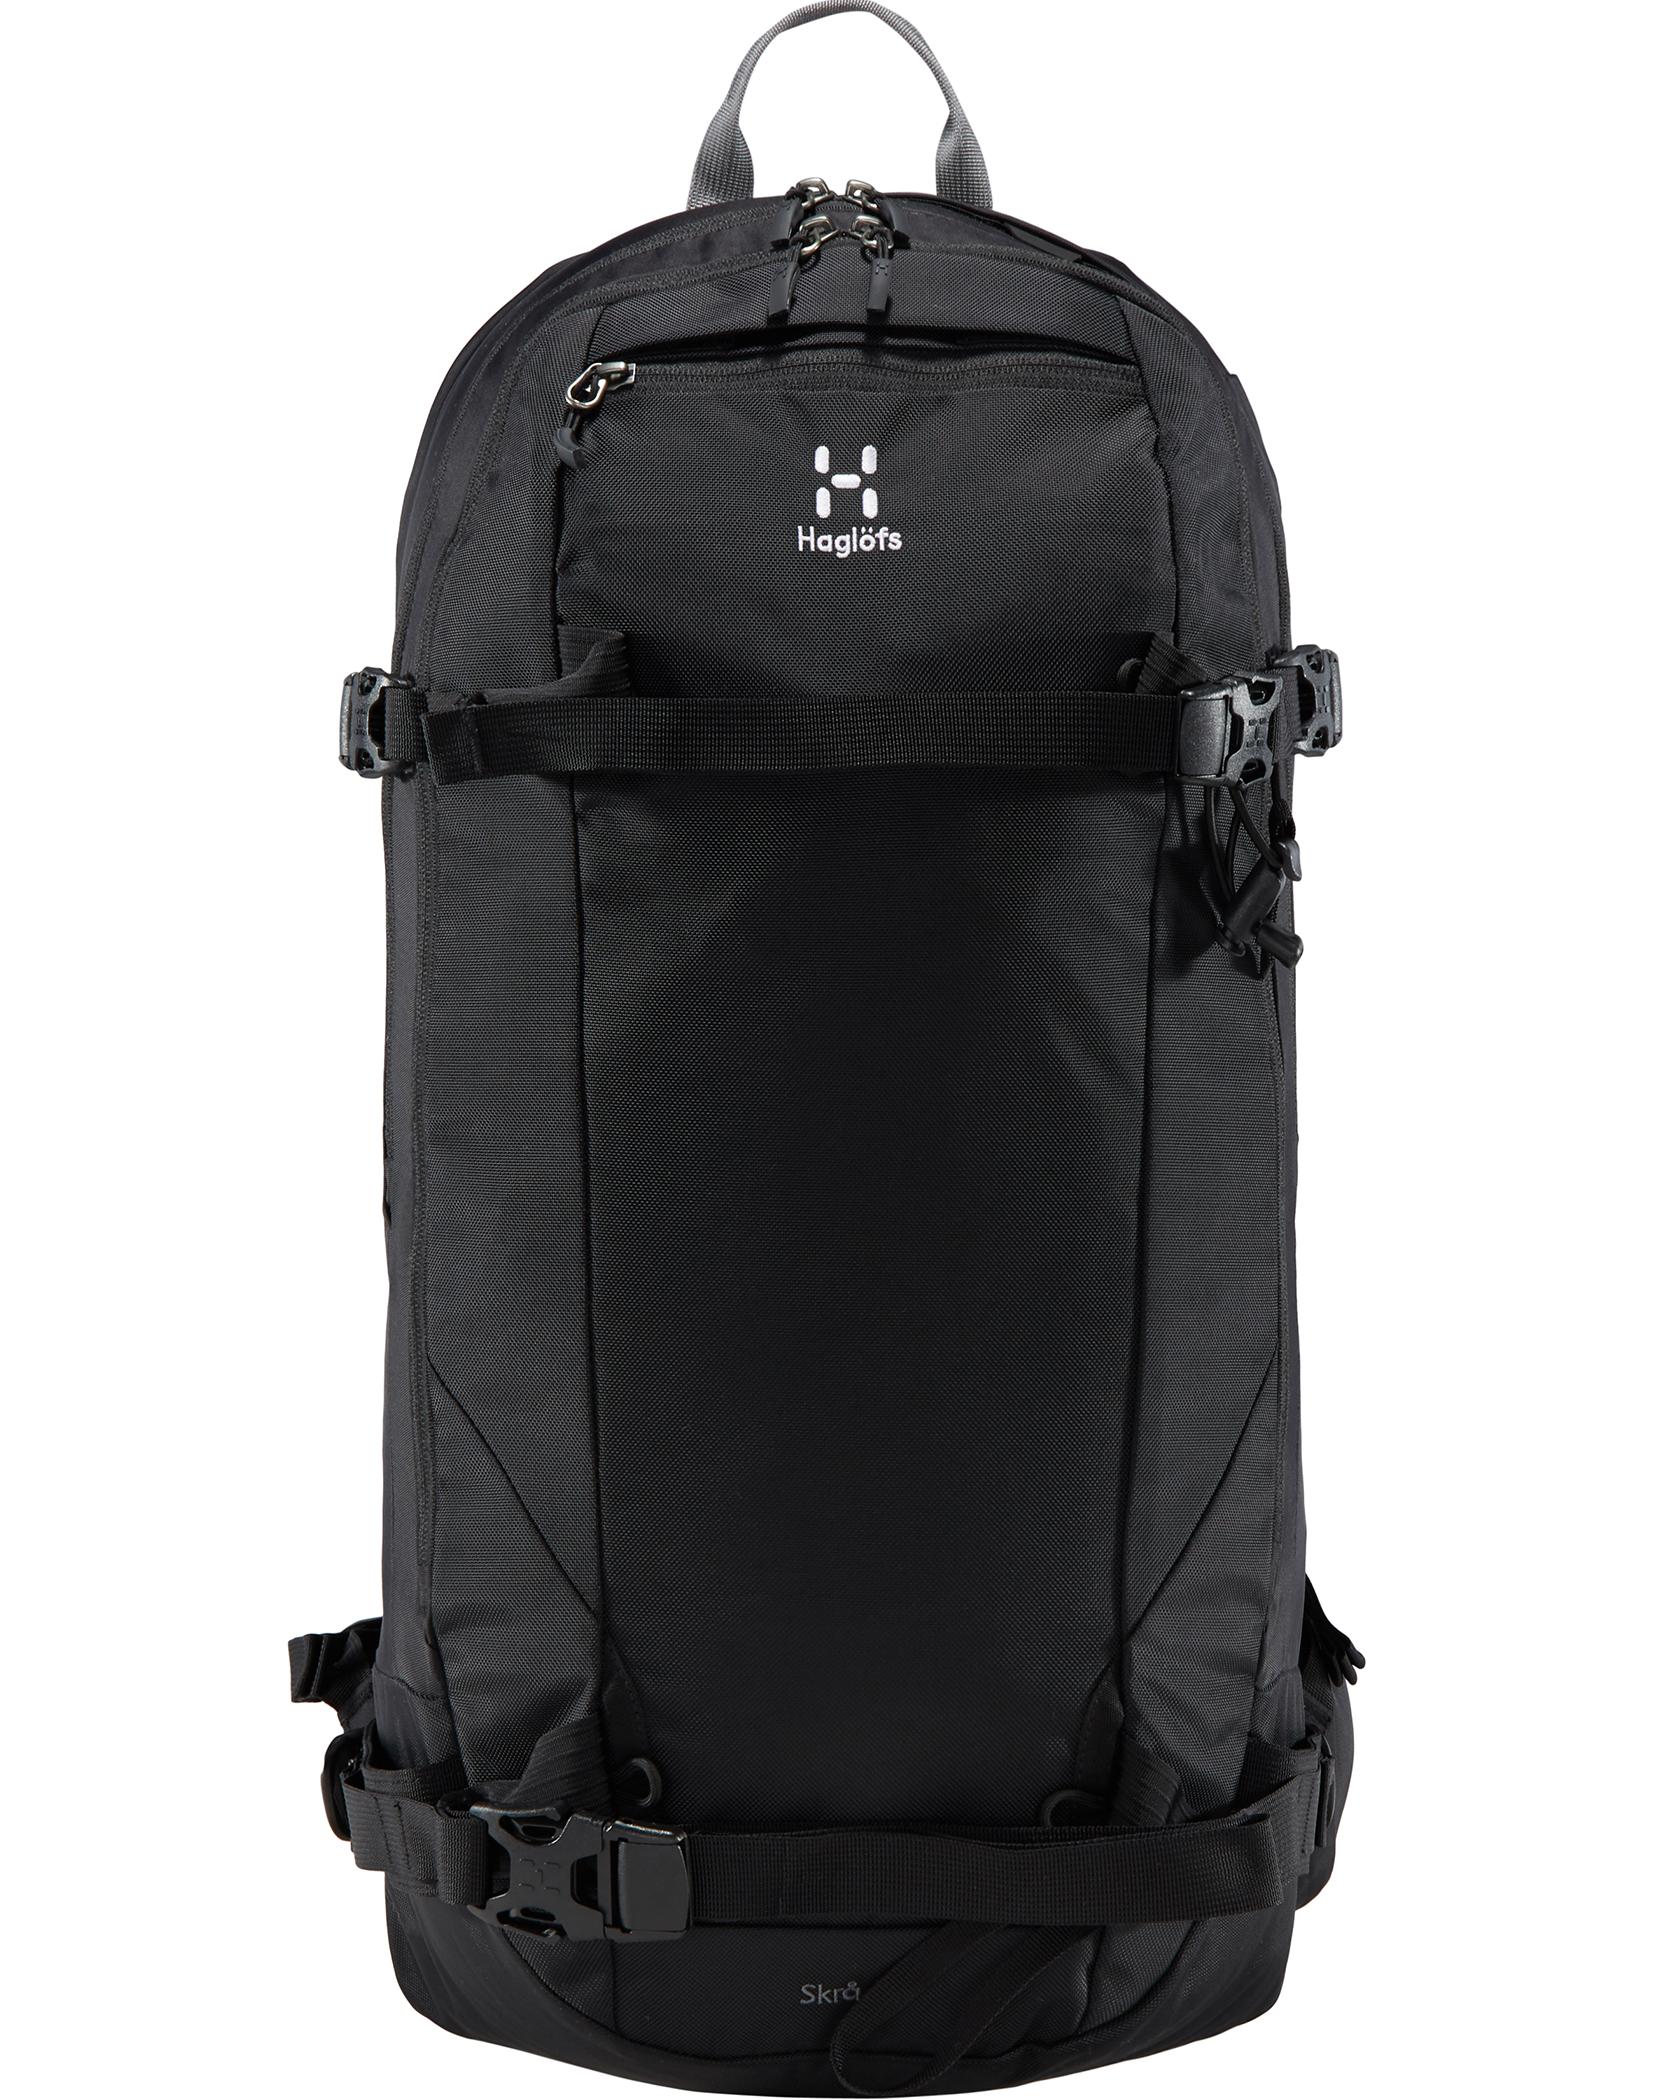 Haglöfs Skrå 27 Backpack recension Freeride